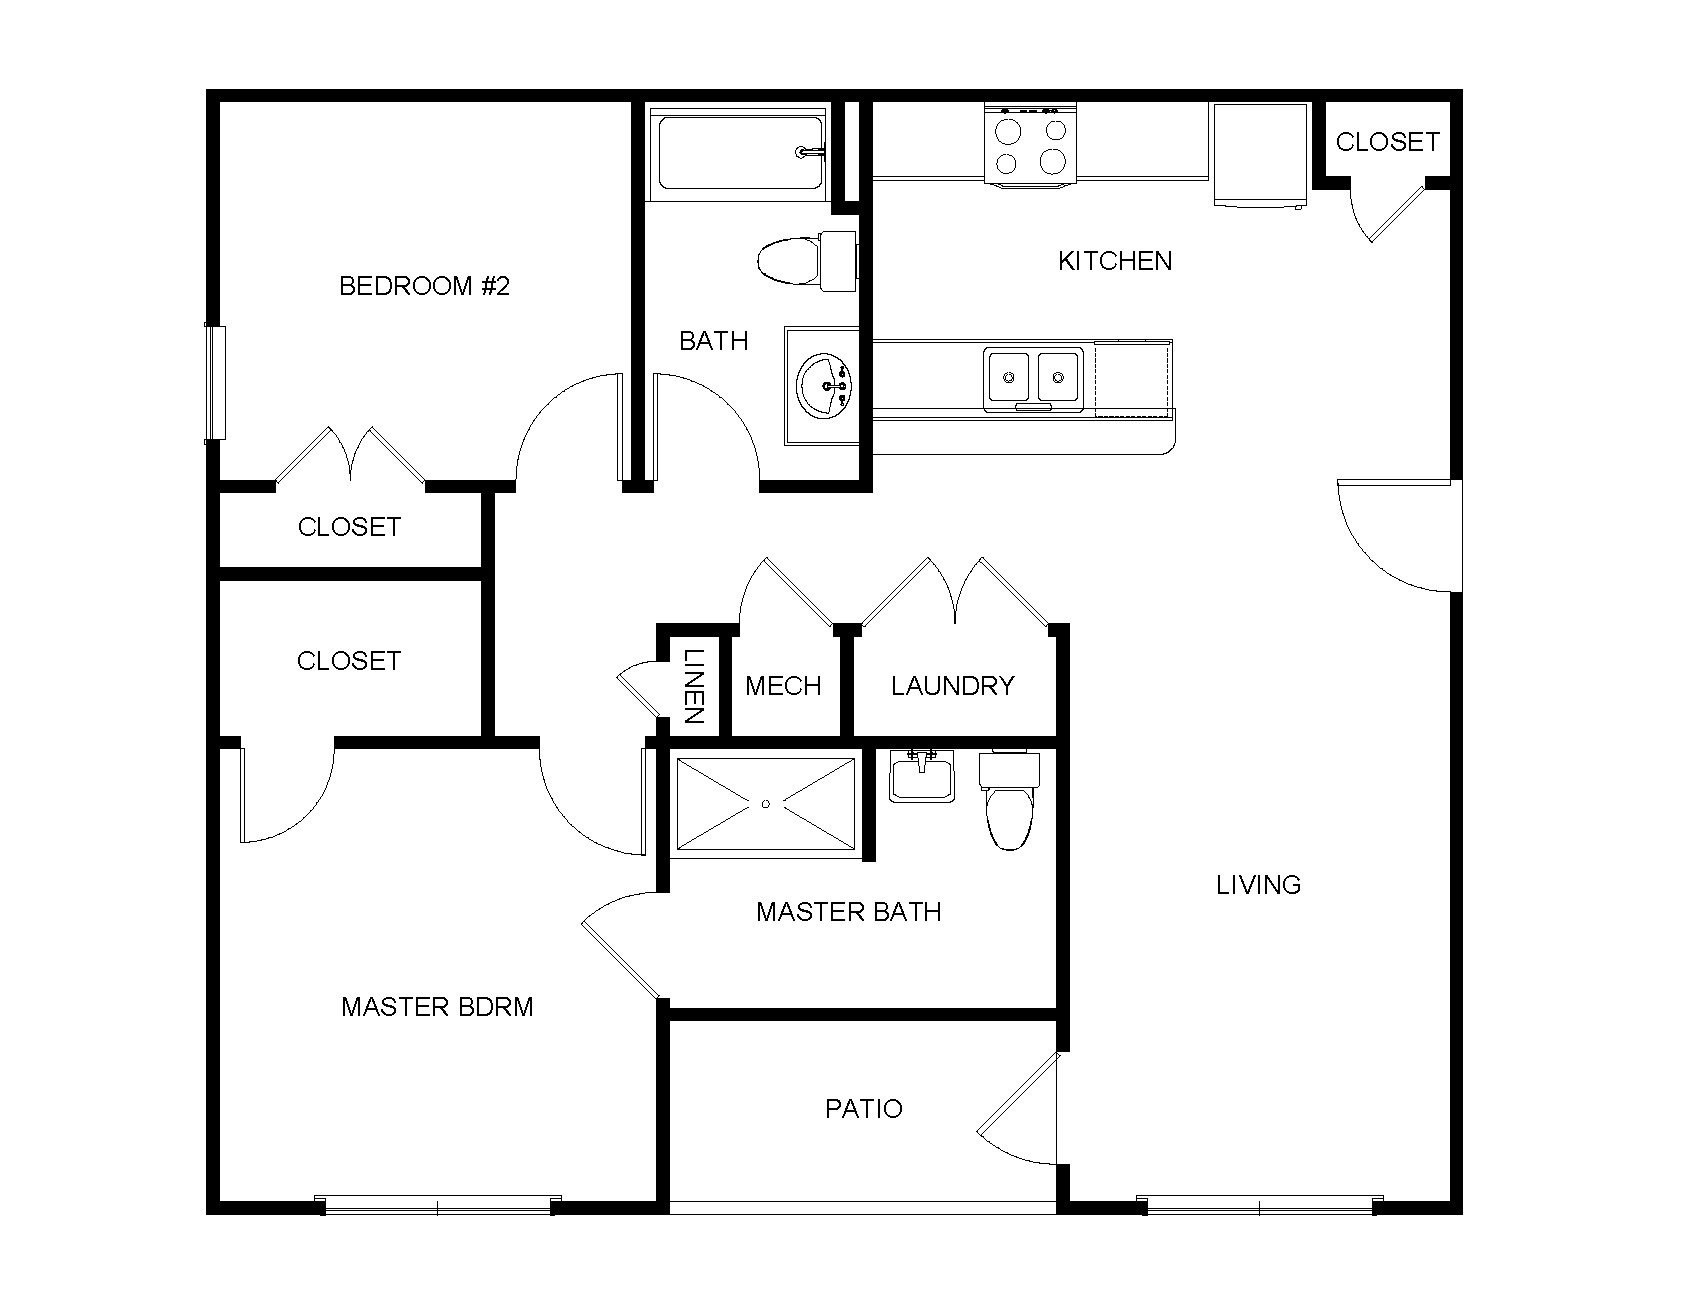 2 Bedroom, 2 Bathroom - A